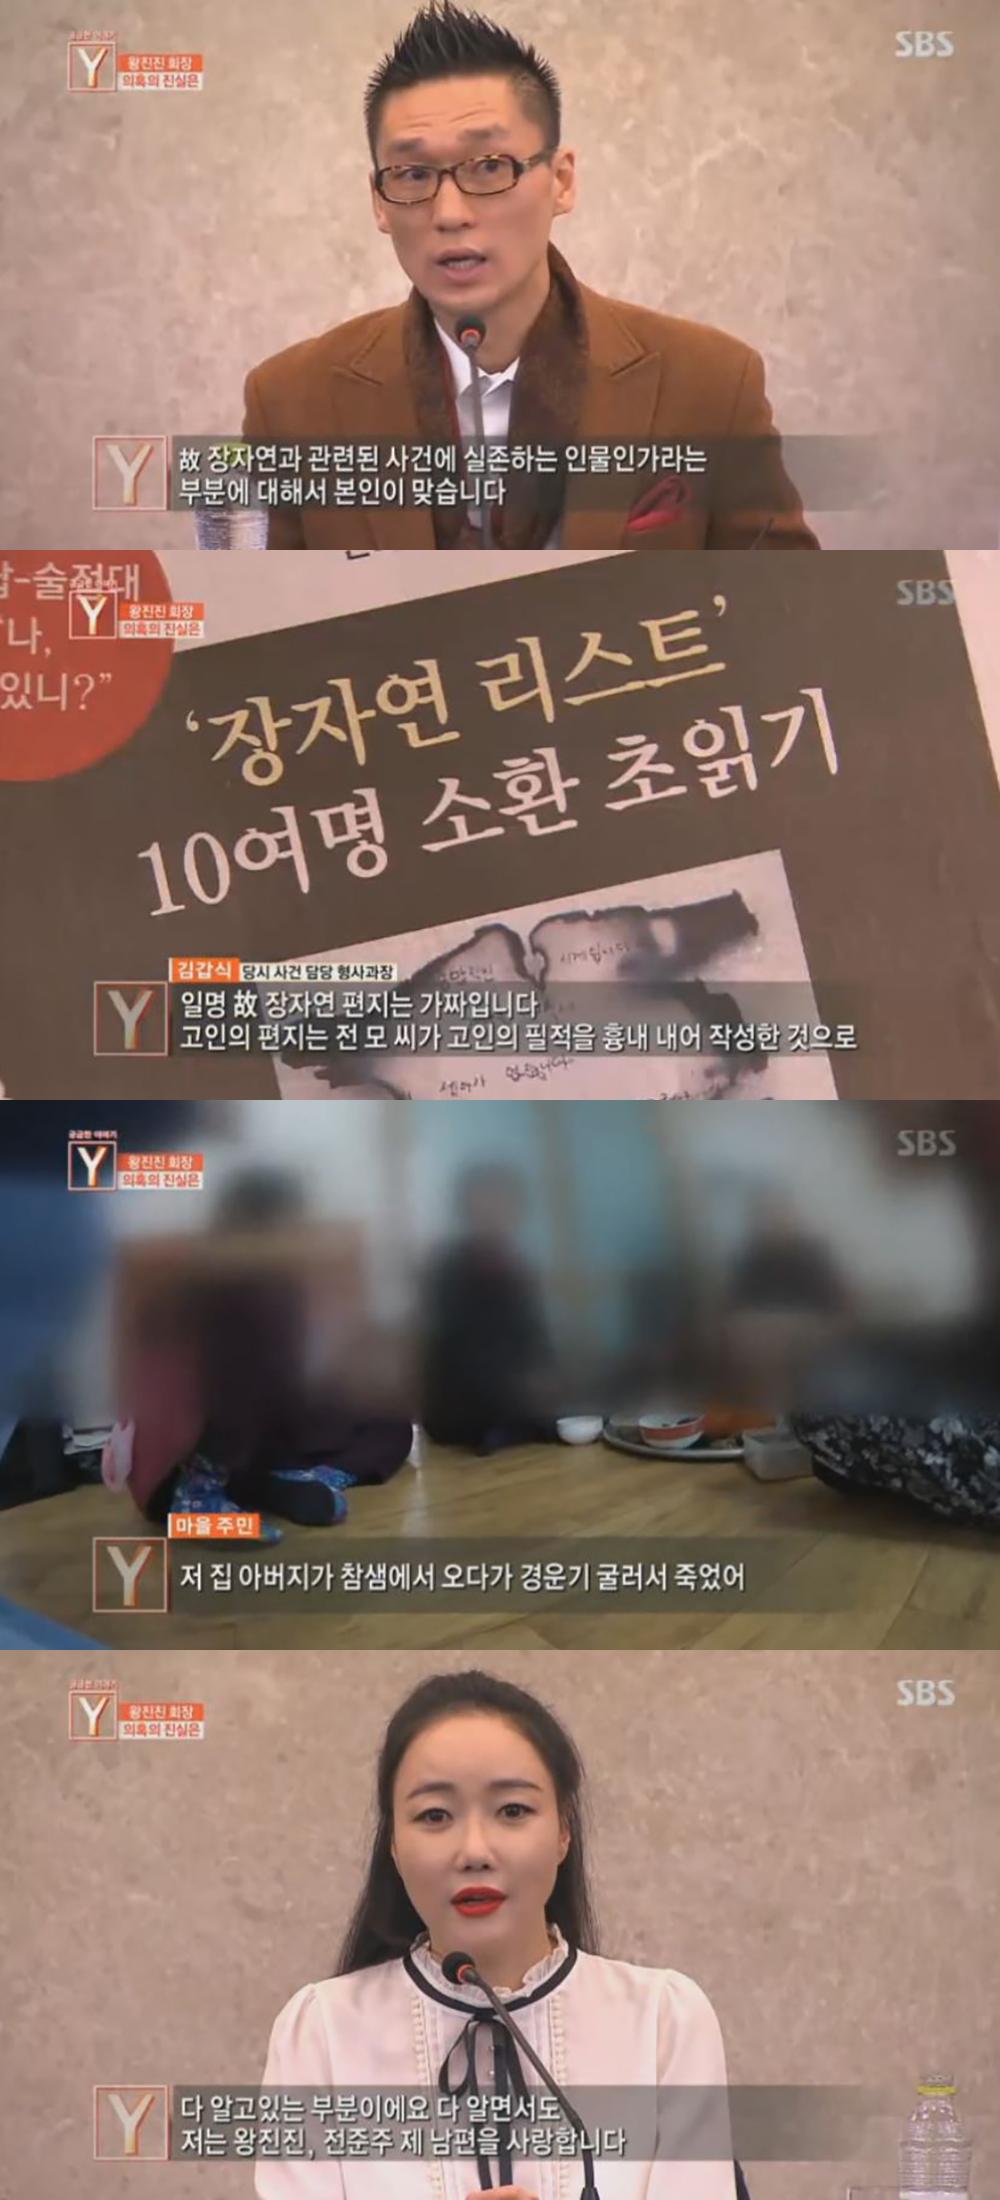 [리뷰] '궁금한 이야기 Y' 고(故)장자연씨, 그리고 왕진진과 낸시랭 ②